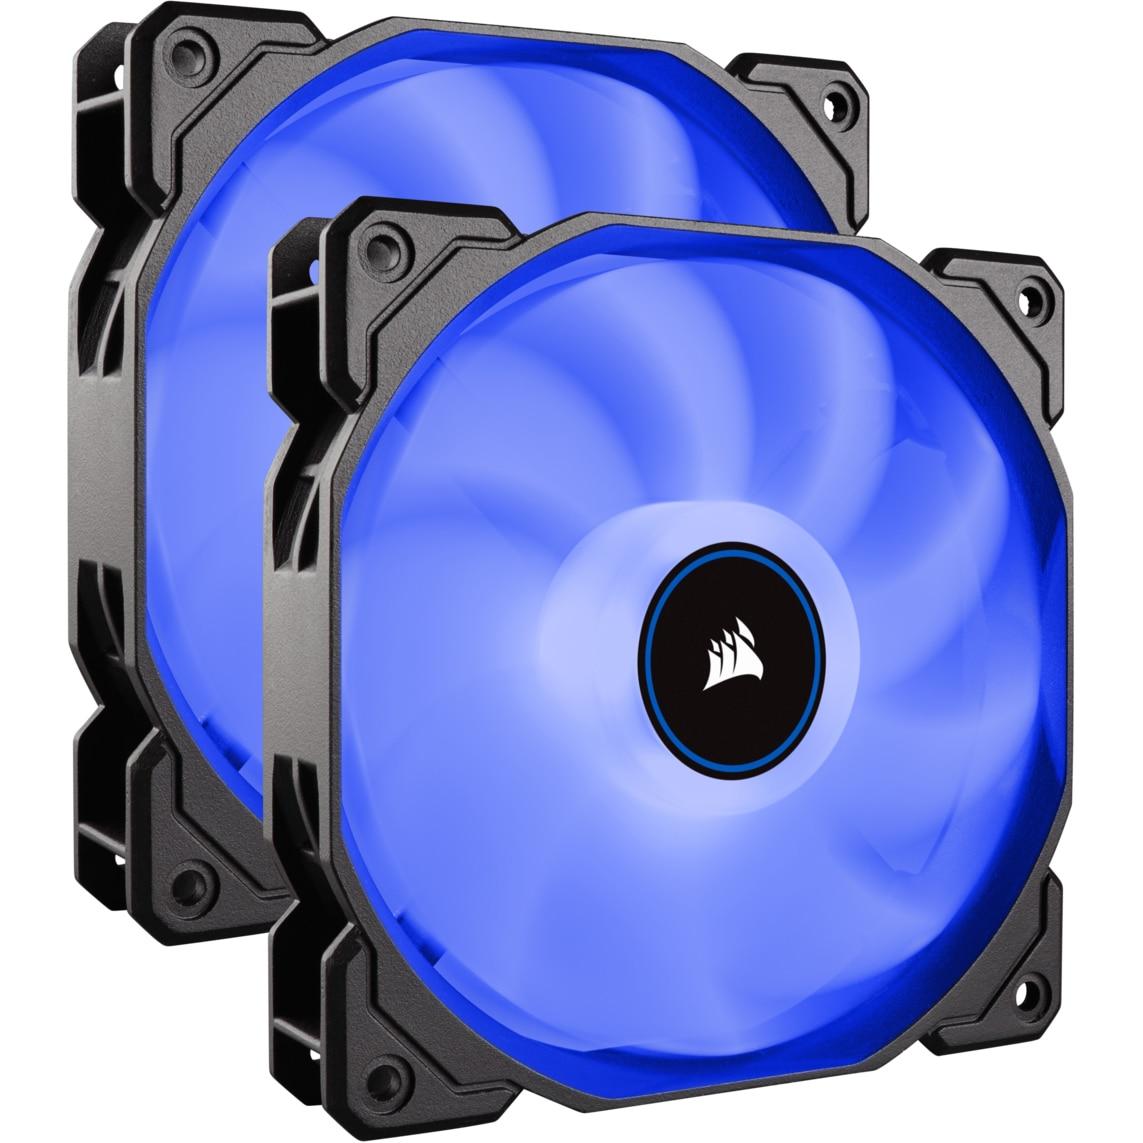 Fotografie Ventilator PC Corsair AF140 LED Low Noise Cooling Fan, 1200 RPM, Dual Pack - Blue